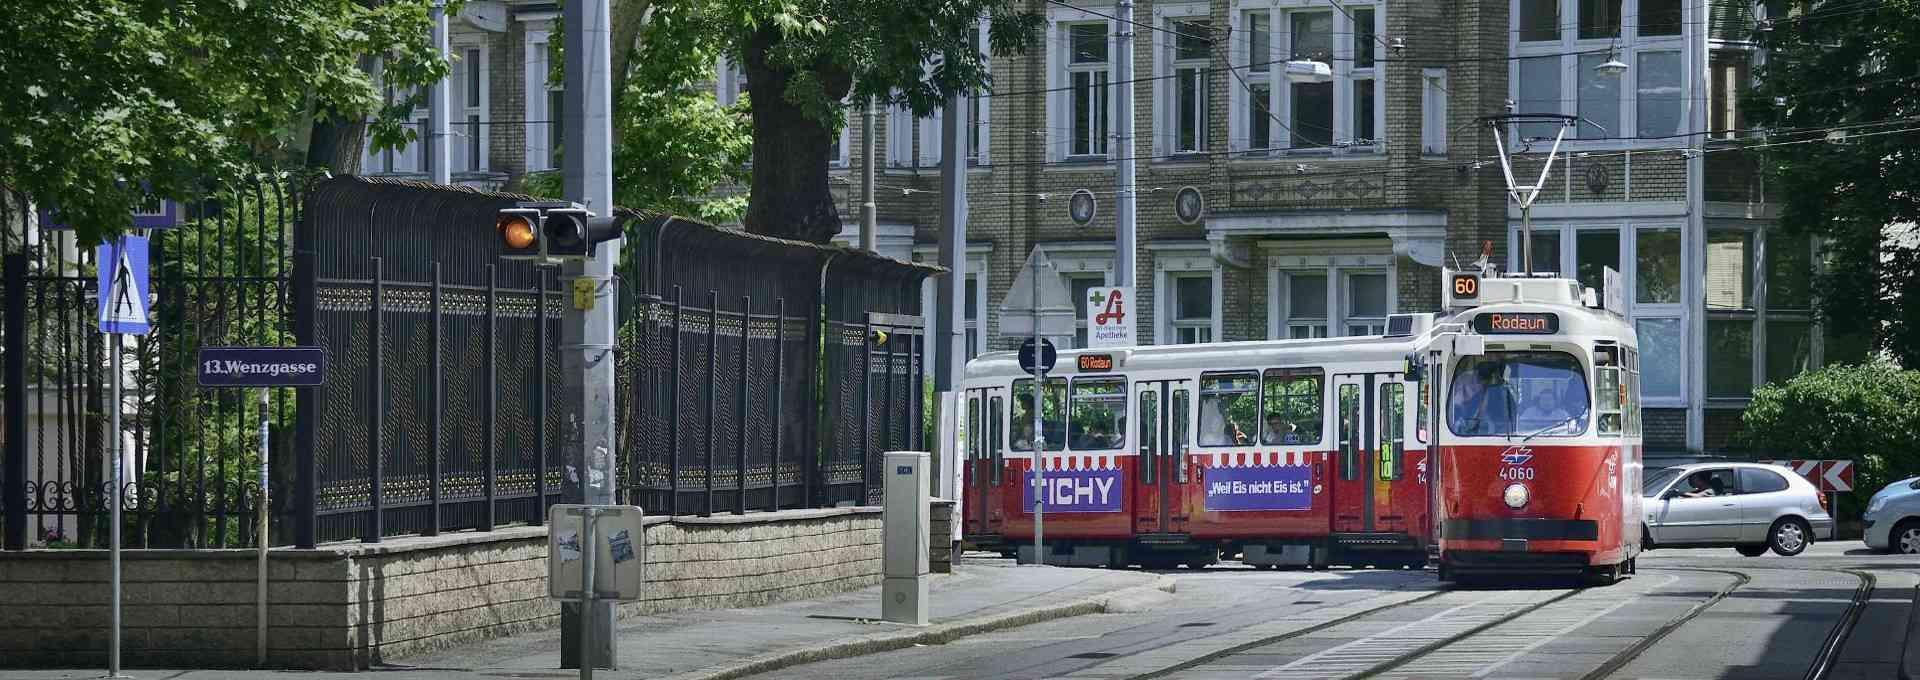 Straßenbahn der Linie 60 in Fahrtrichtung Rodaun.